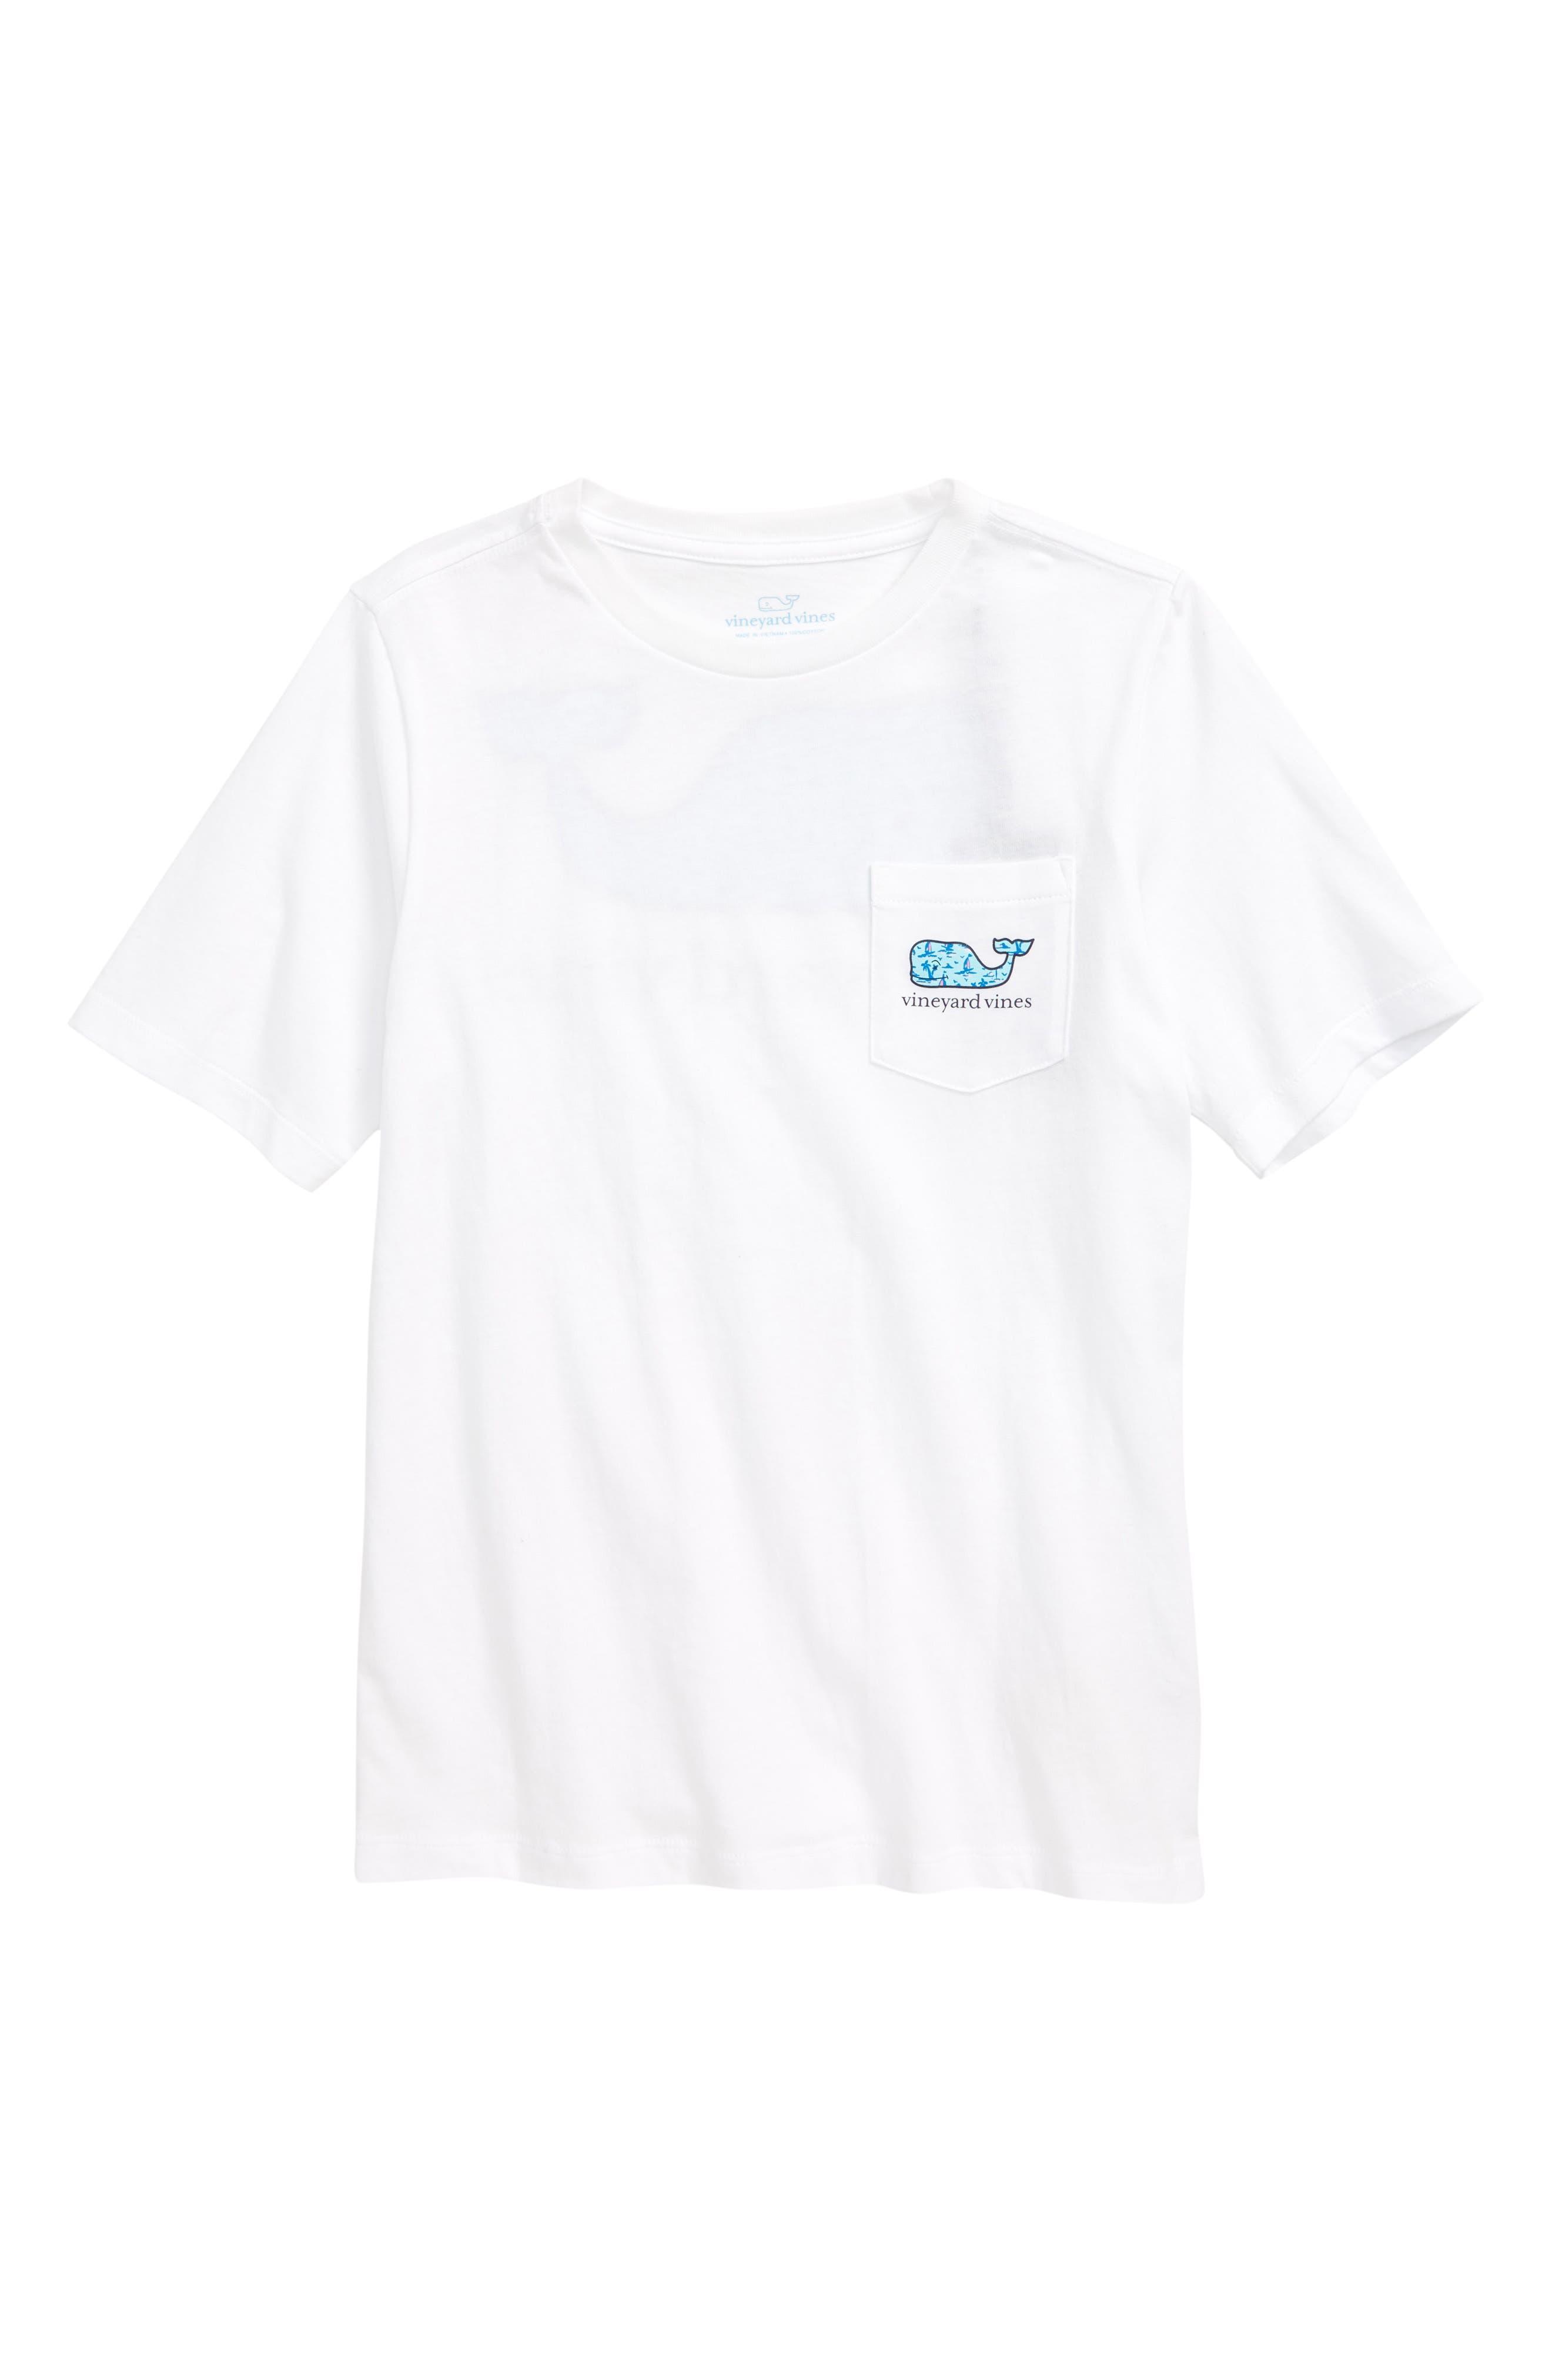 Vineyard Vines Sport /& Sail Pocket T-Shirt